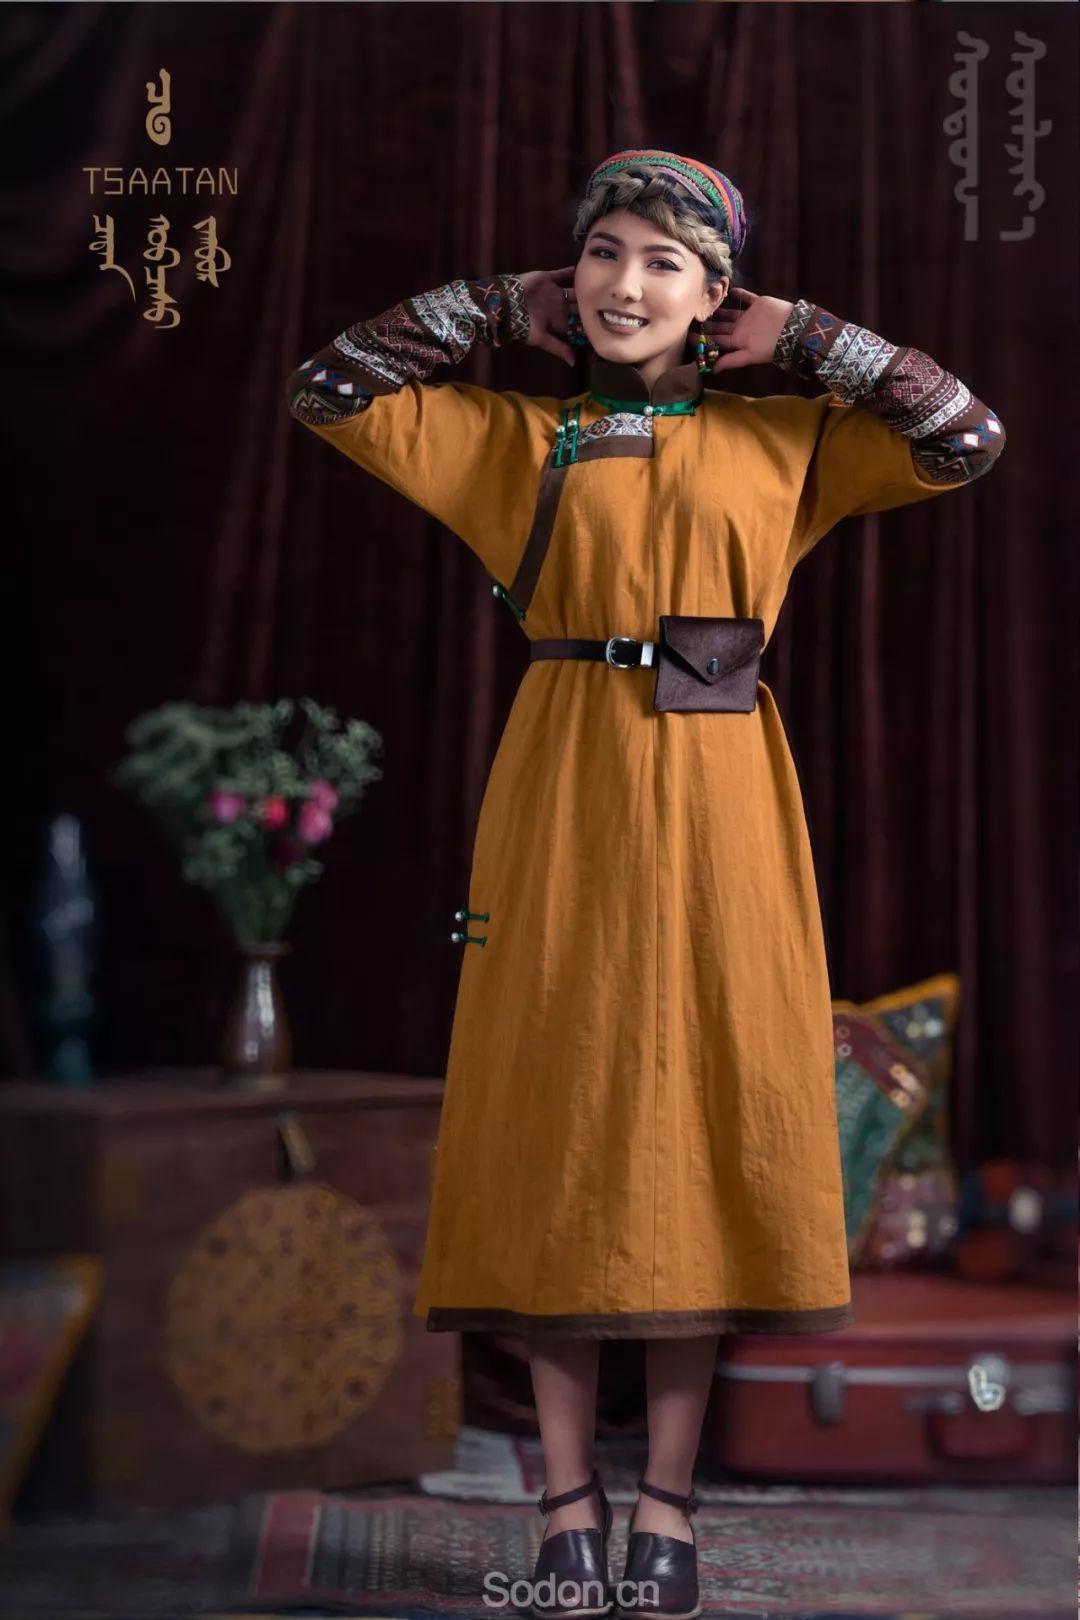 TSAATAN蒙古时装 2019新款,来自驯鹿人的独特魅力! 第53张